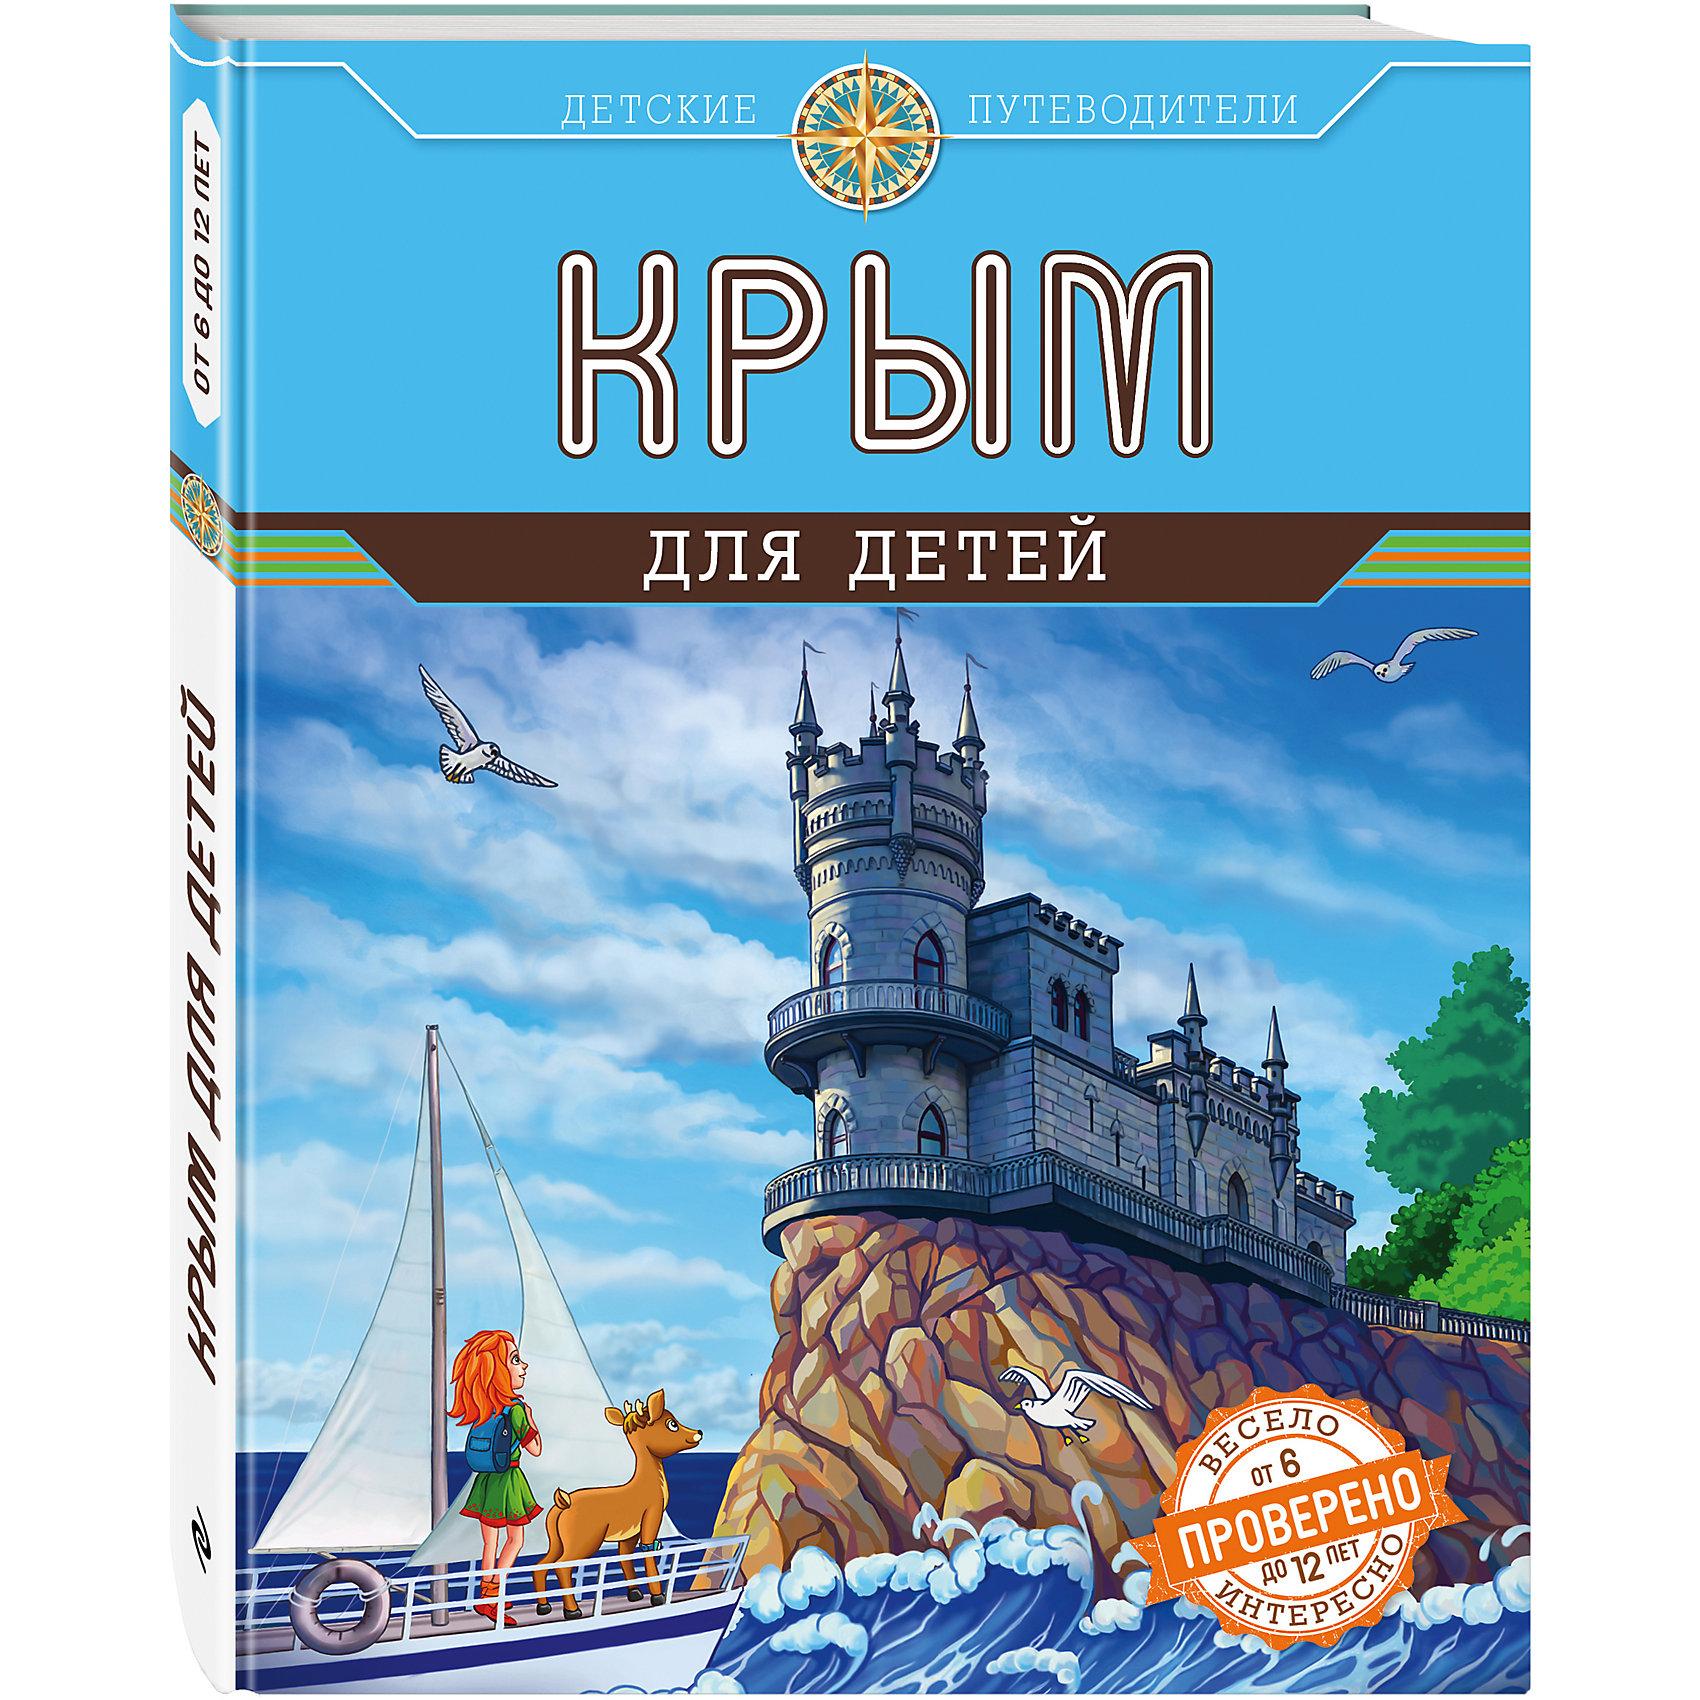 Крым для детейПеред вами не просто книга, а самый настоящий путеводитель по Крыму для детей. <br><br>С ним вы отправитесь в увлекательное путешествие по одному из красивейших мест нашей планеты - полуострову Крым, от главного города Симферополя до далеких, врезающихся в море мысов и захватыващих горных вершин. За это время вы узнаете, чем славятся крымские города, где находятся Долина призраков, Затерянный мир, Большой каньон и Ханский дворец, почему Черное море названо именно так, кто жил в пещерных городах Крыма и что скрывается за загадочными названиями Кизил-Коба, Чуфут-Кале и Ай-Петри. Вы побываете в пещерах и на вершинах гор, великолепных дворцах и садах, на розовом озере и в сафари-парке, в лазурных бухтах  и старых крепостях. Хорошо ориентироваться на полуострове вам поможет красочная карта. <br><br>Кроме того, в путеводителе вы найдете разнообразные задания и головоломки, с ними исследовать Крым станет еще веселее.<br><br>Дополнительная информация:<br><br>- год выпуска: 2015<br>- количество страниц:208<br>- формат: 26 * 20* 1.8  см.<br>- переплет: твердый переплет<br>- вес: 730 гр.<br>- возраст: от  6  лет<br><br>Книгу  Крым для детей можно купить в нашем интернет - магазине.<br><br>Ширина мм: 255<br>Глубина мм: 197<br>Высота мм: 15<br>Вес г: 735<br>Возраст от месяцев: 72<br>Возраст до месяцев: 144<br>Пол: Унисекс<br>Возраст: Детский<br>SKU: 4753489